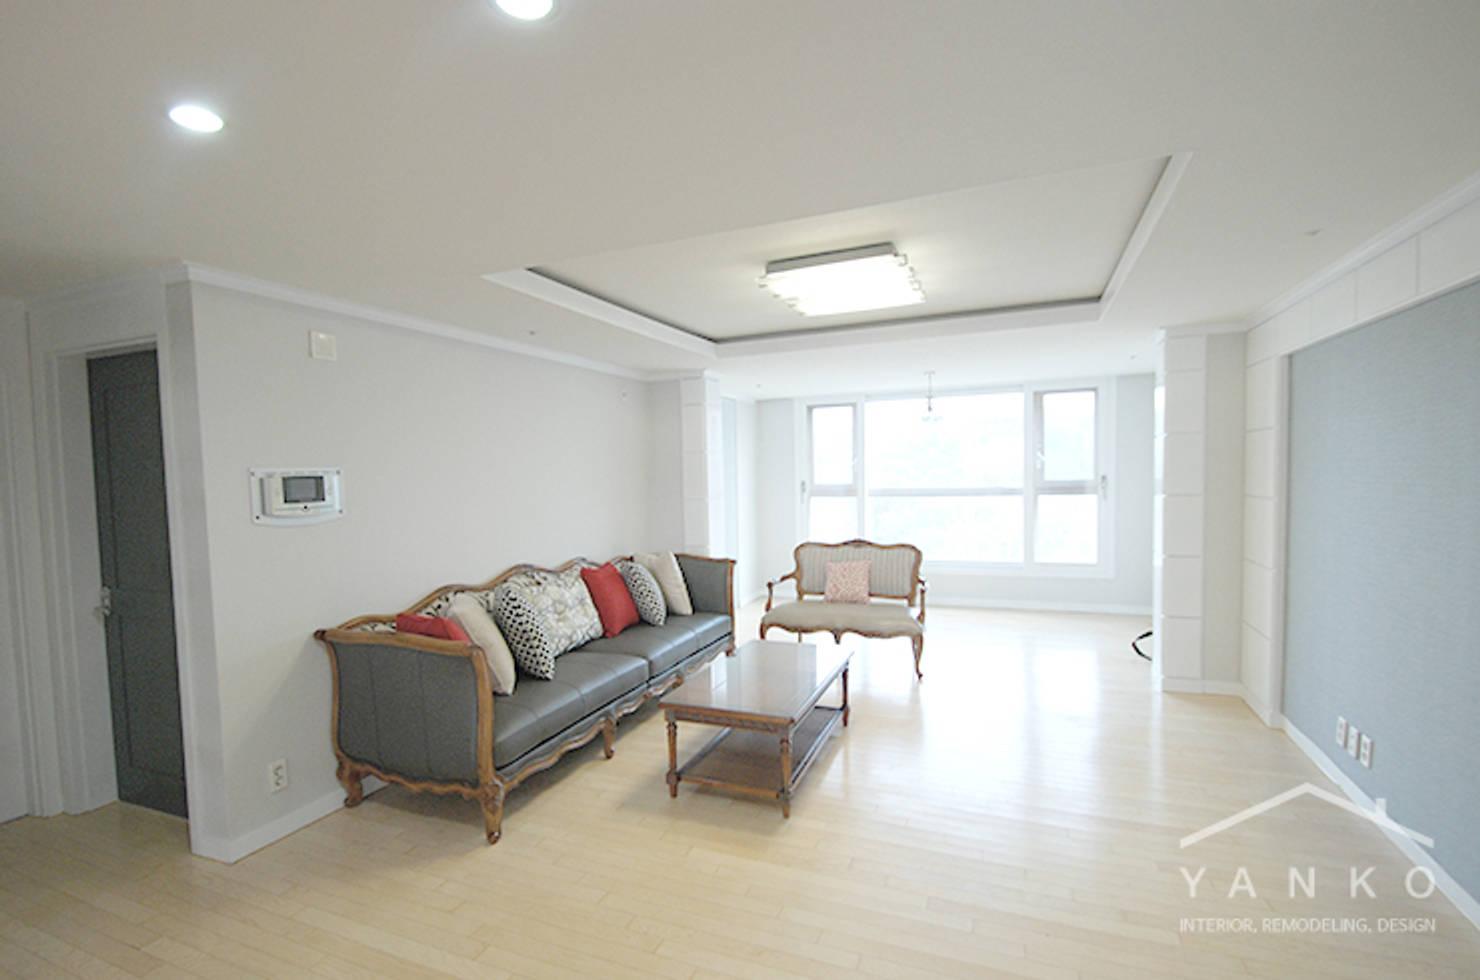 널찍한 공간감과 여유로운 분위기를 자랑하는 모던 스타일 아파트